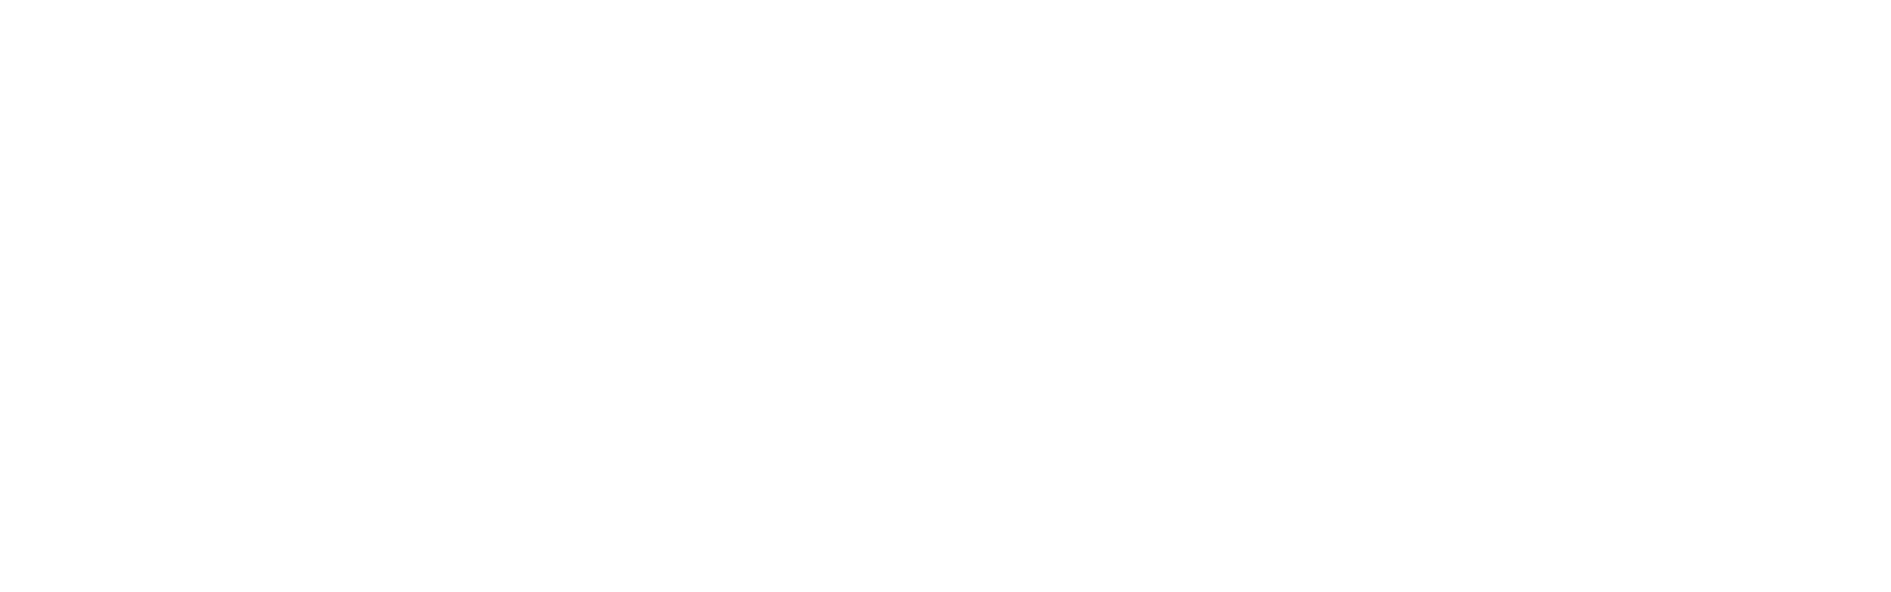 TKM Development Inc.